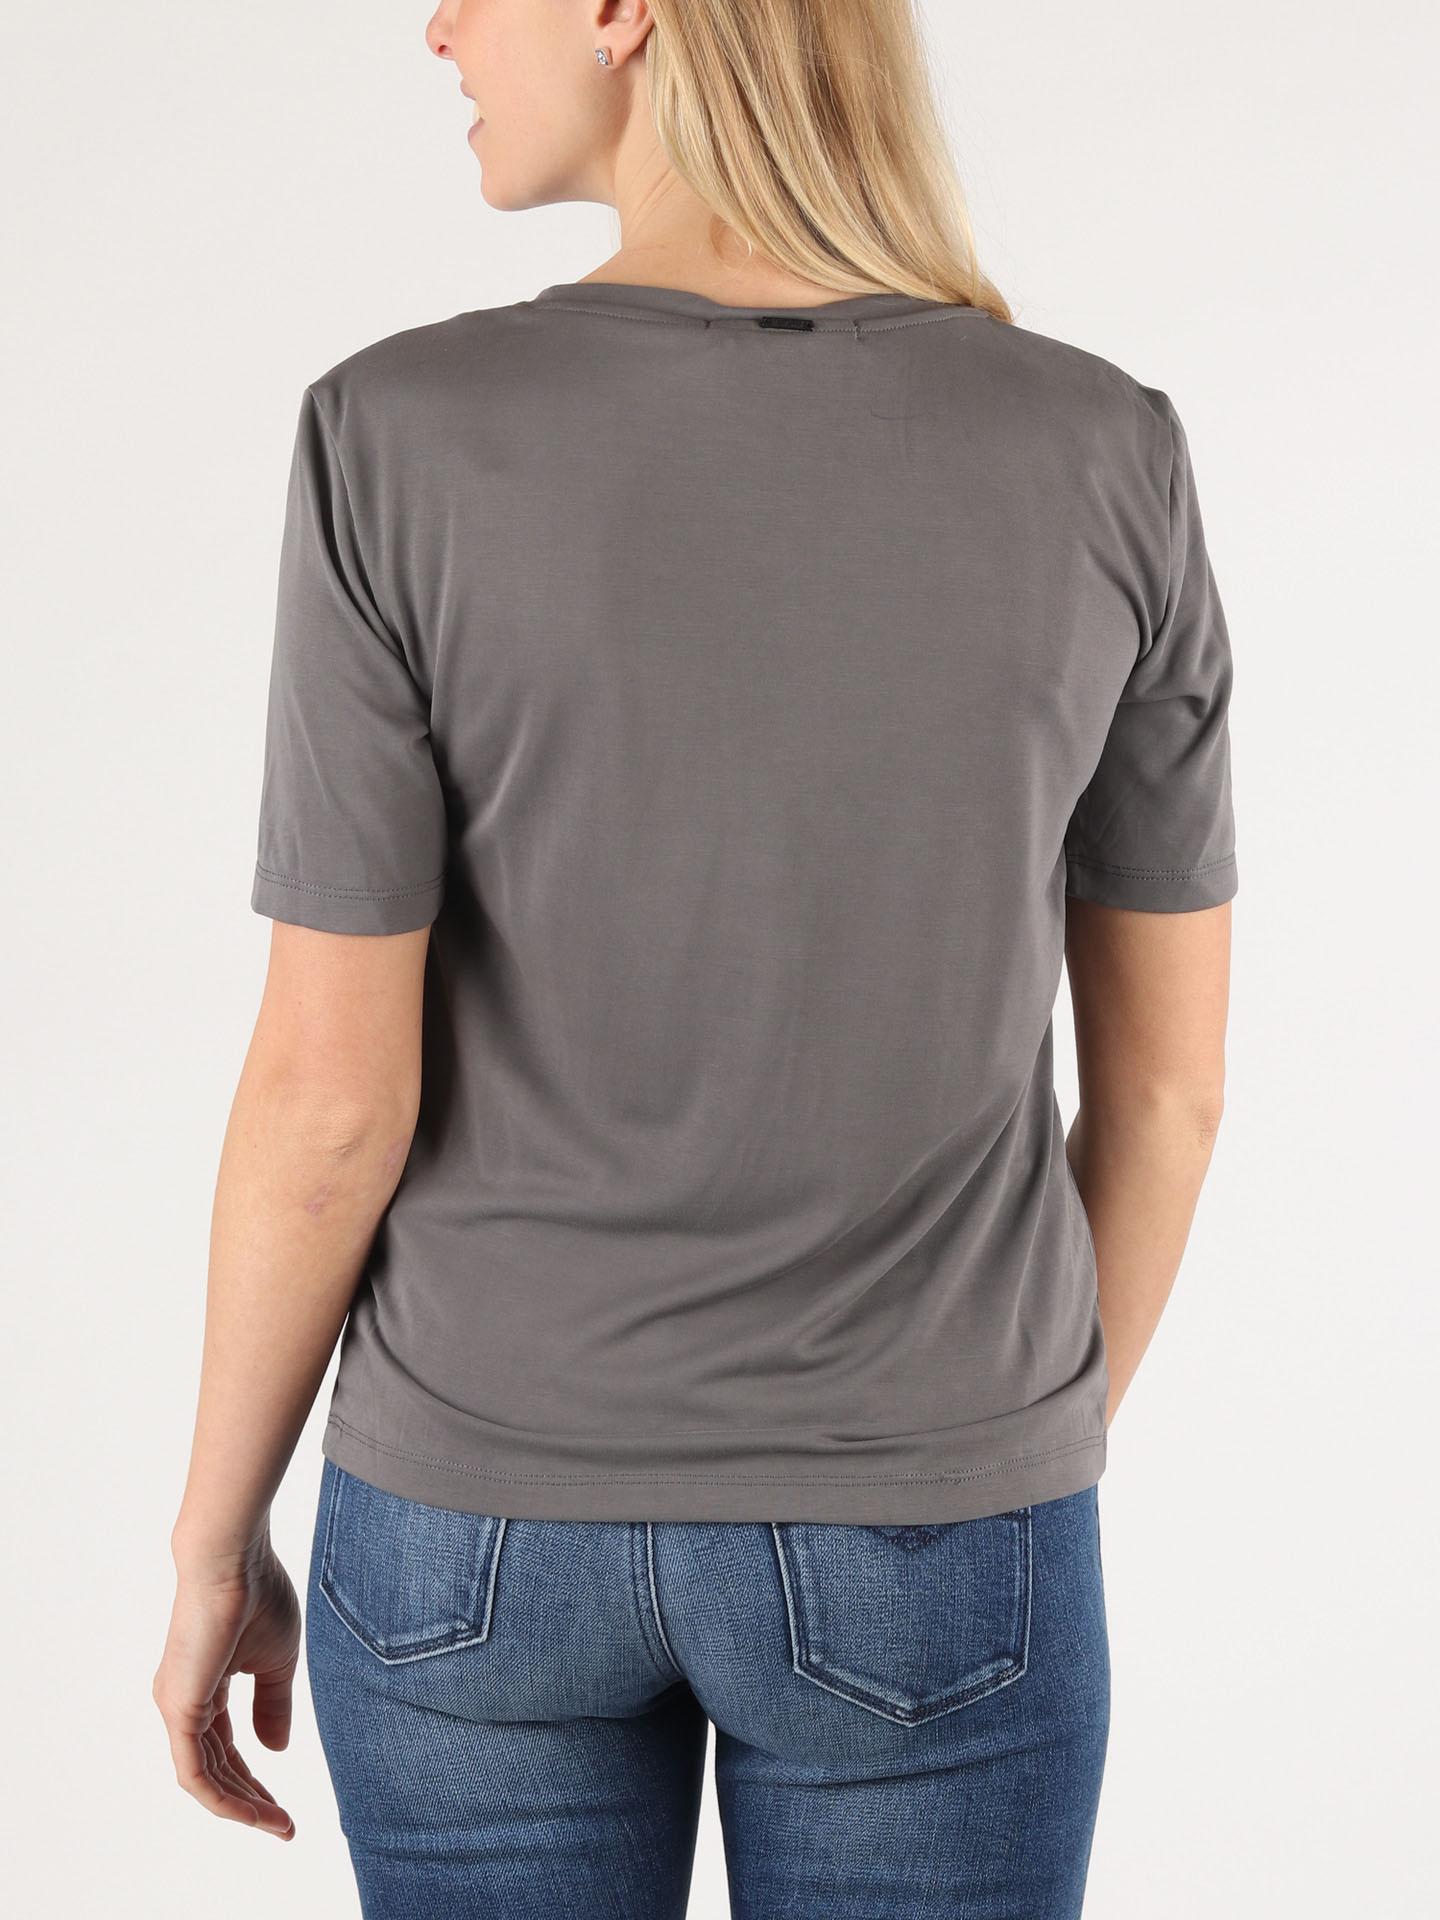 Replay Women's t-shirt grey